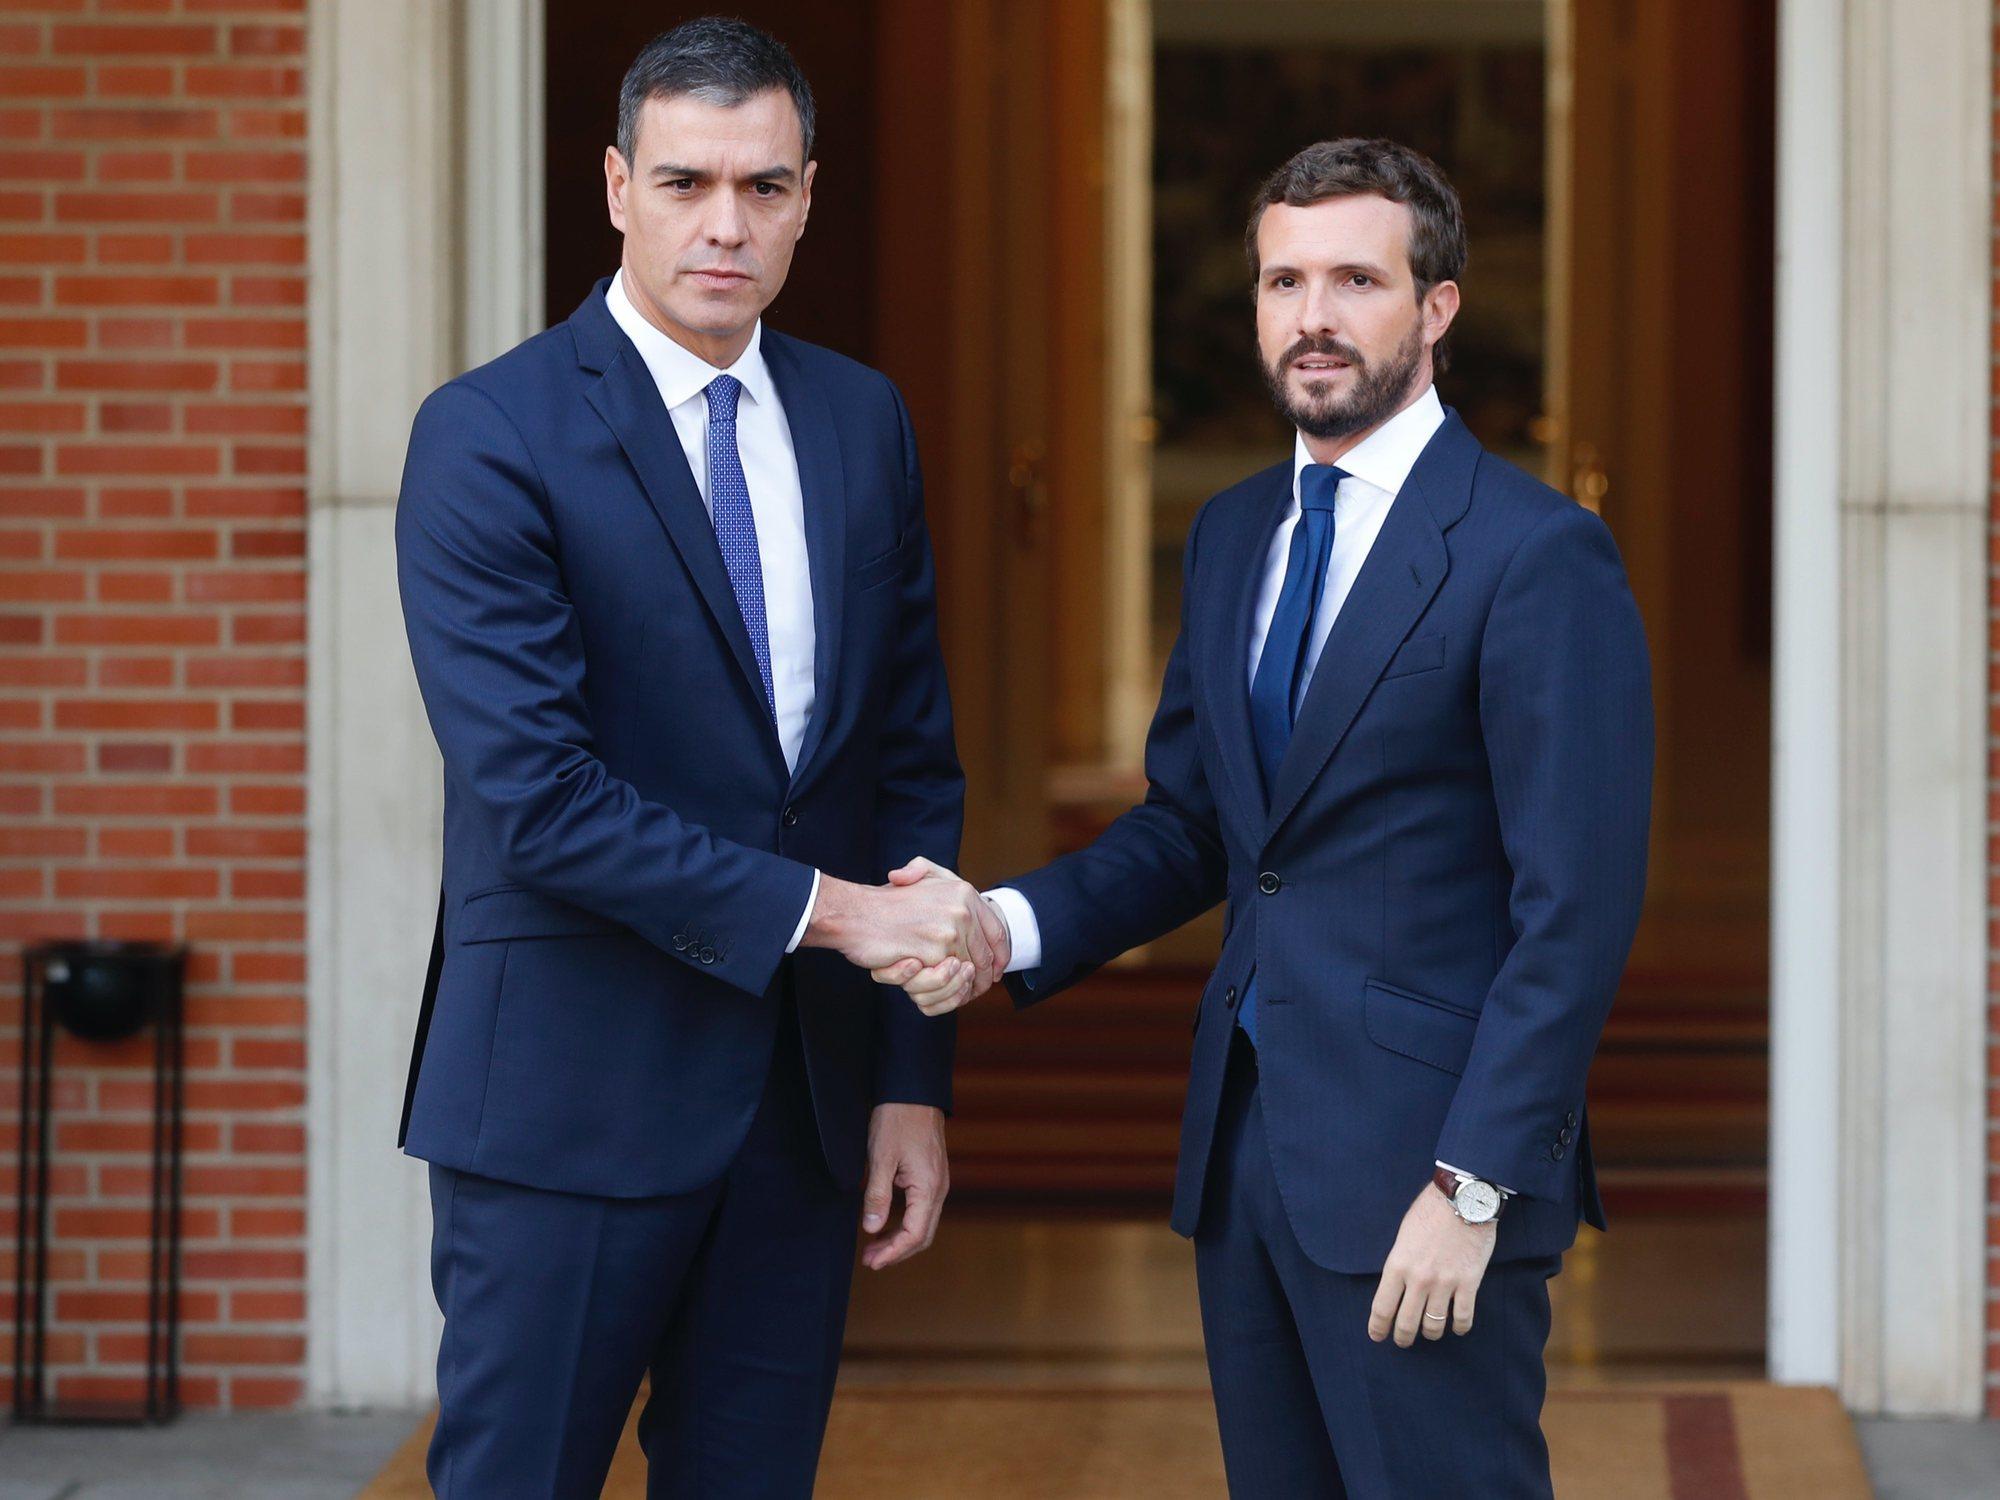 El PP votará 'no' a la investidura de Pedro Sánchez aunque vayamos a terceras elecciones